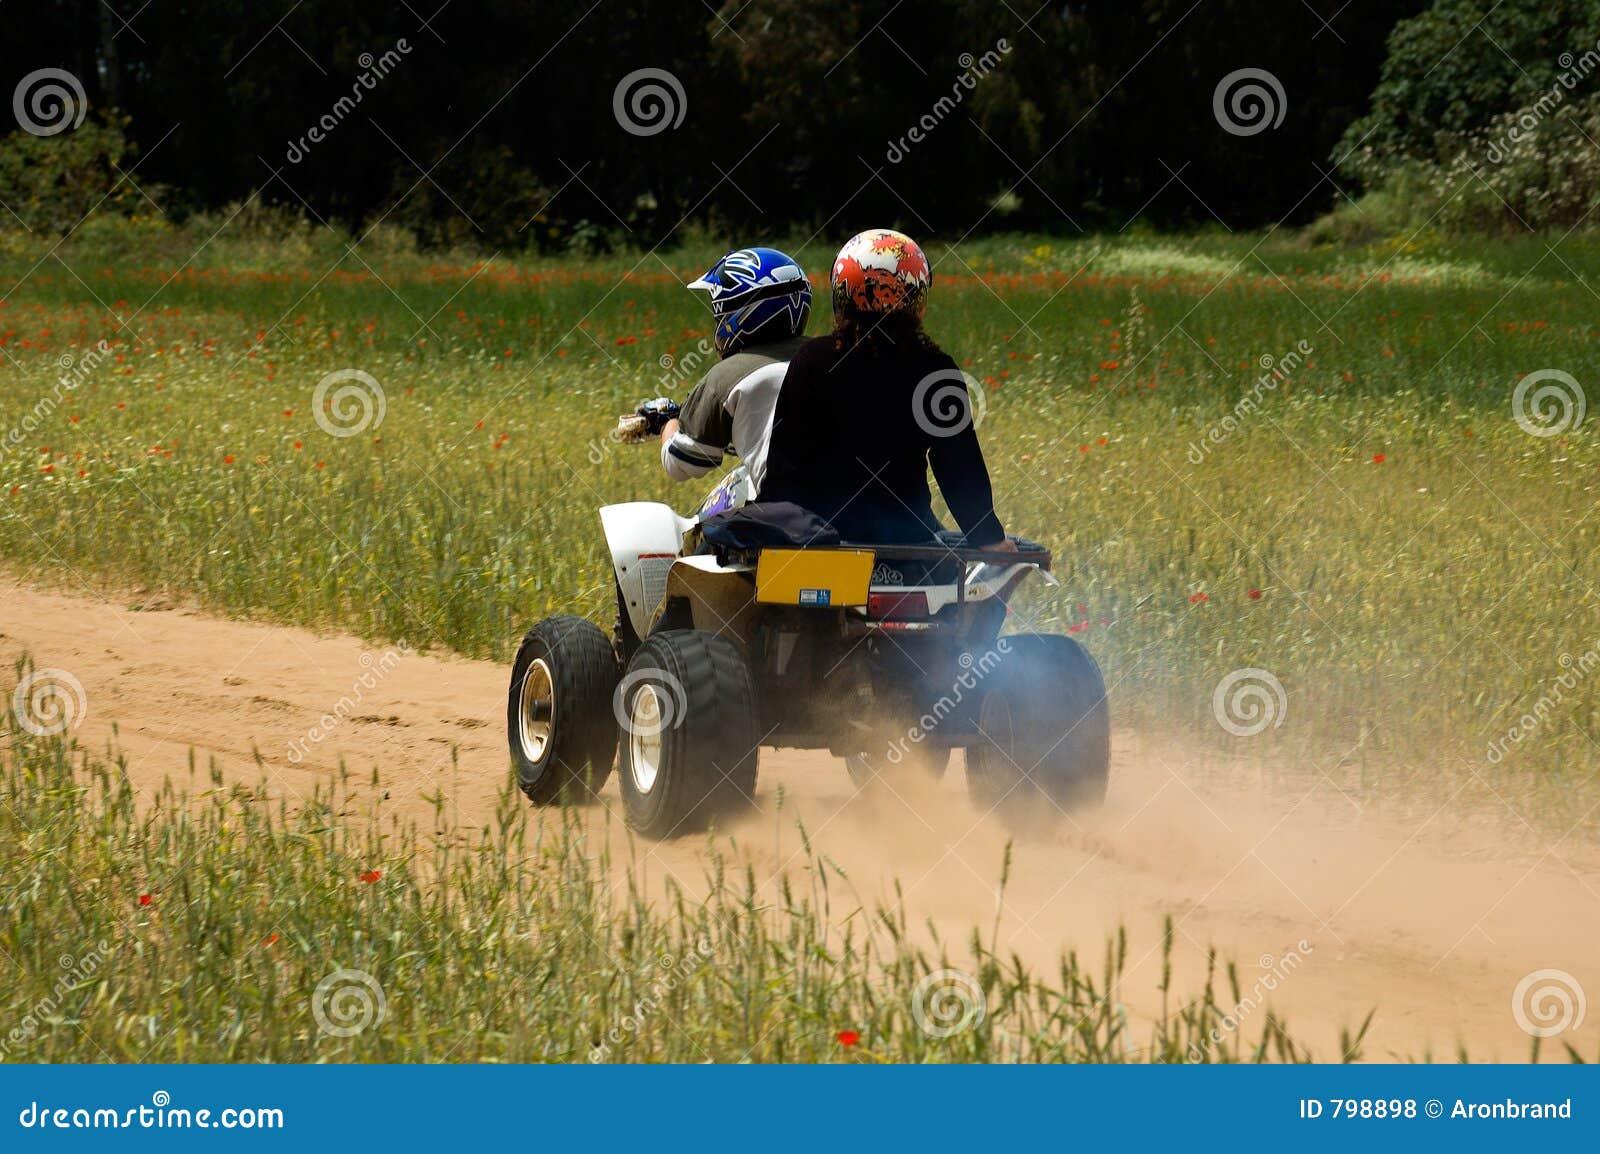 Eine quadbike Fahrt in der Natur